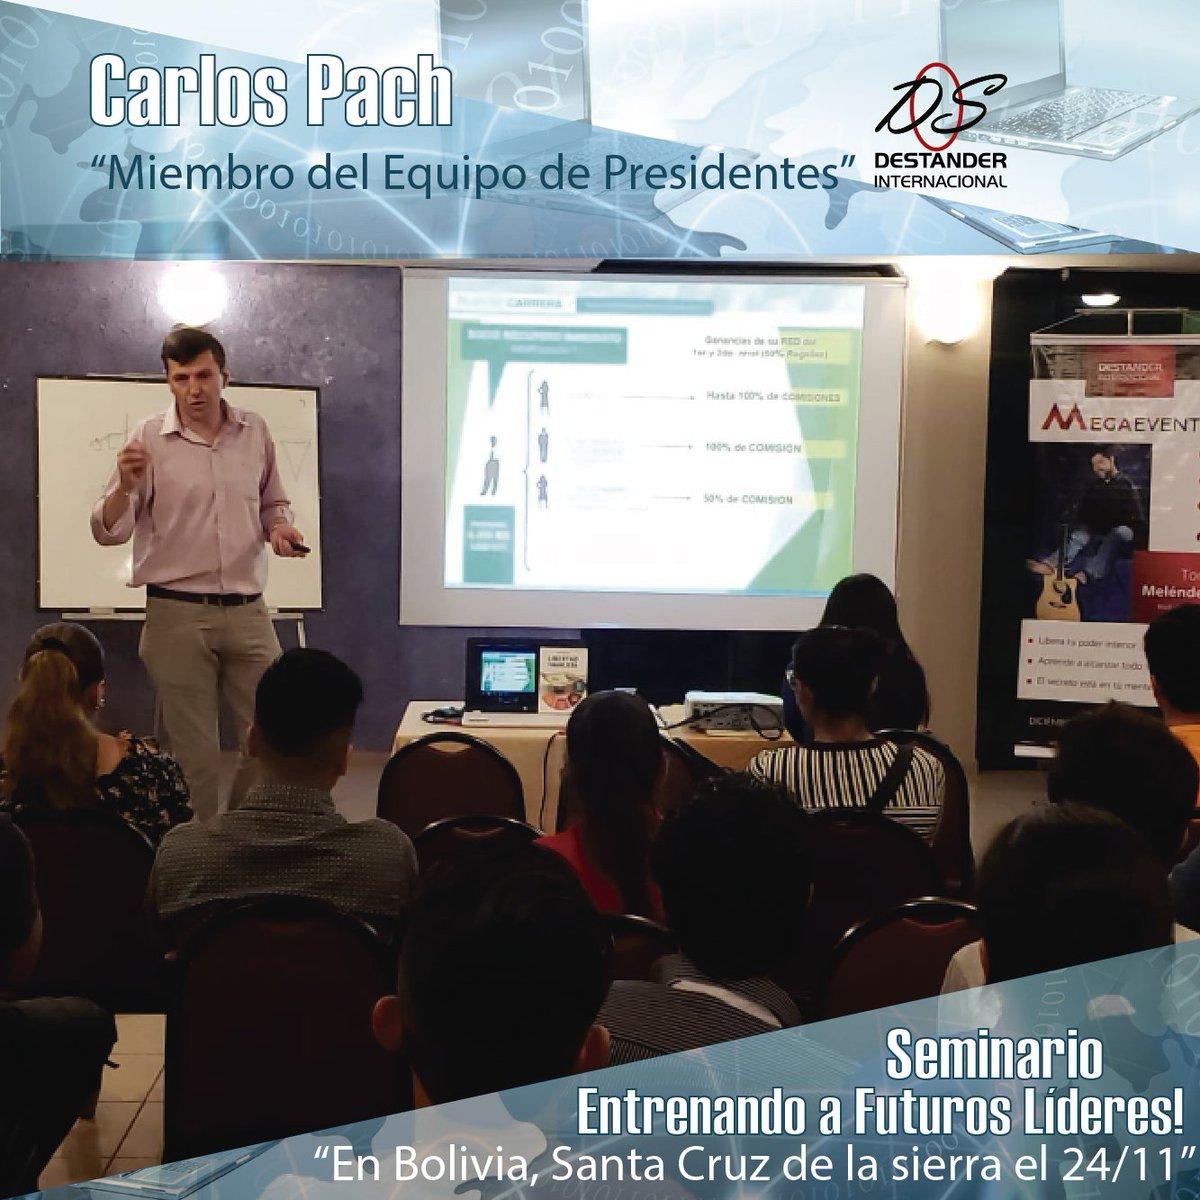 """Carlos Pach  Seminario en Bolivia, Santa Cruz de la Sierra 24/11/18.  """"Miembro del Equipo de Presidentes""""  Entrenando a Futuros Lideres! https://t.co/QE84uudmD9"""